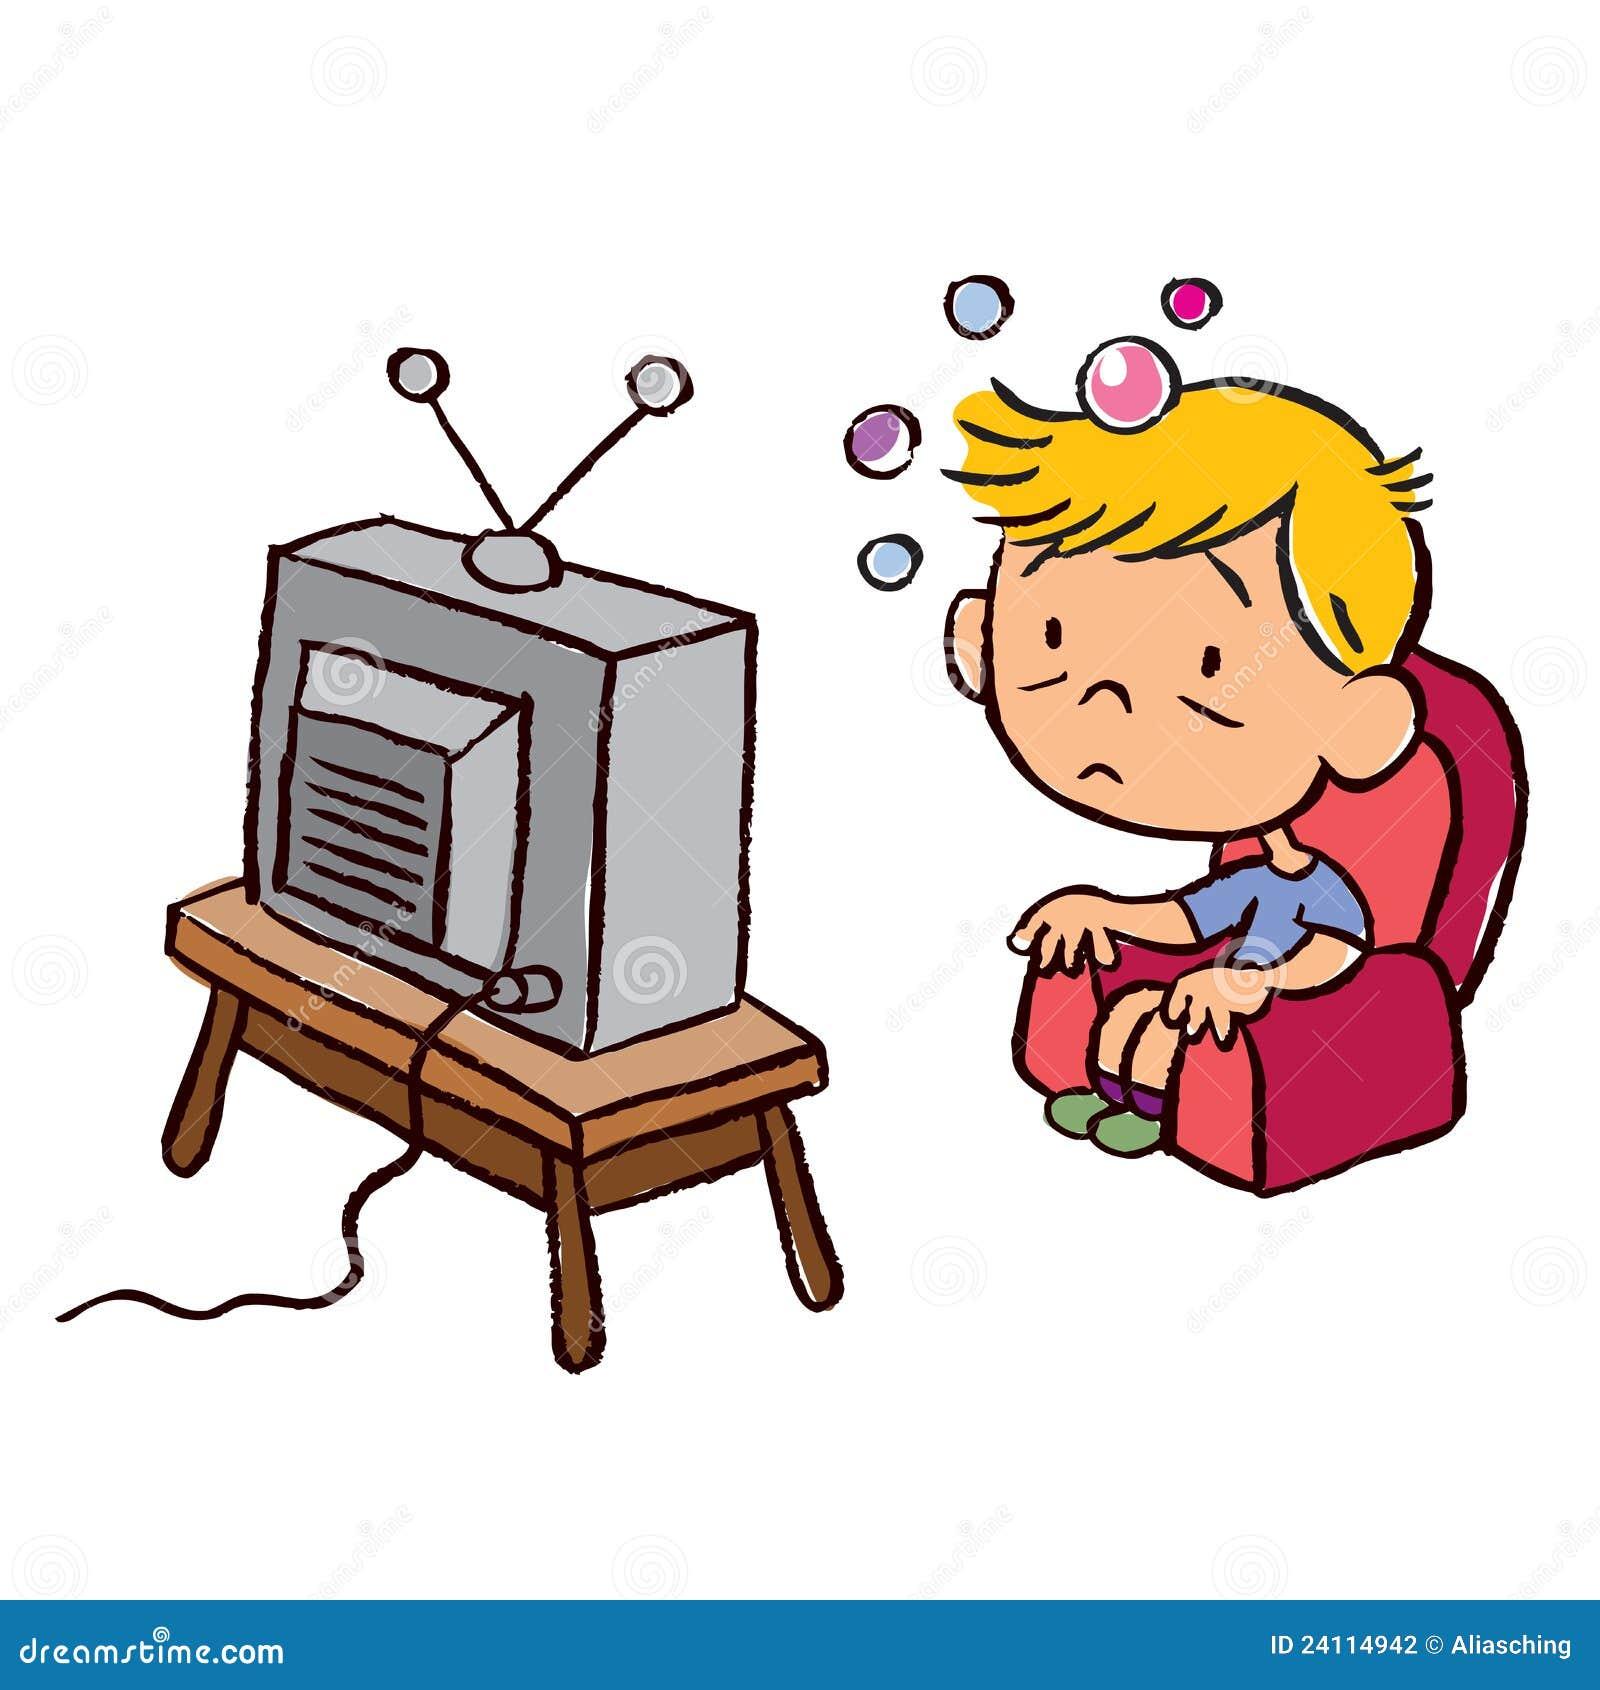 Фото, картинка смотреть телевизор для детей